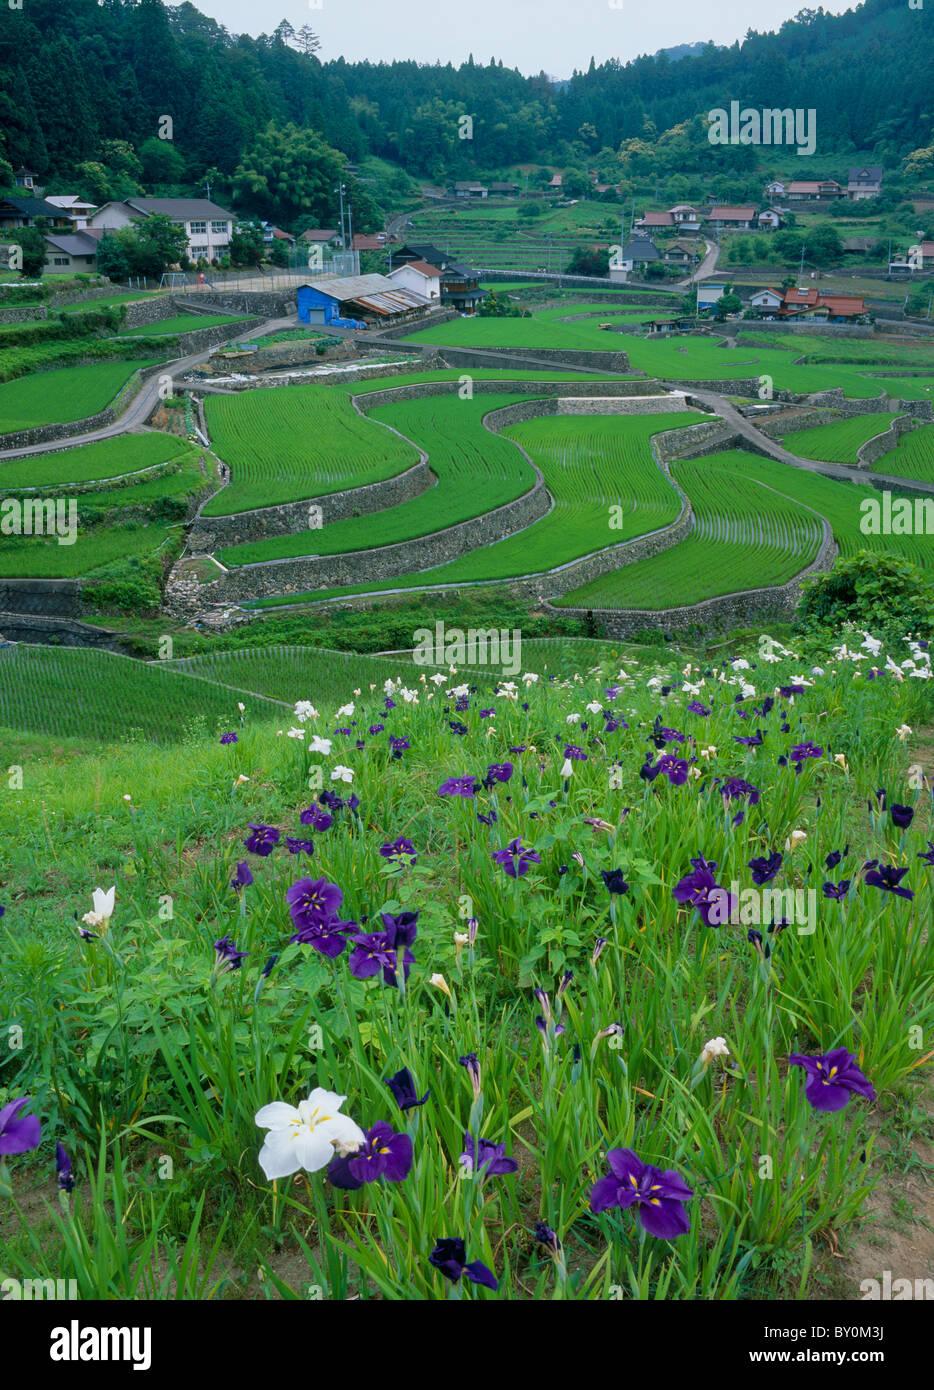 Iris and Terraced Field of Ini, Akiota, Hiroshima, Japan - Stock Image